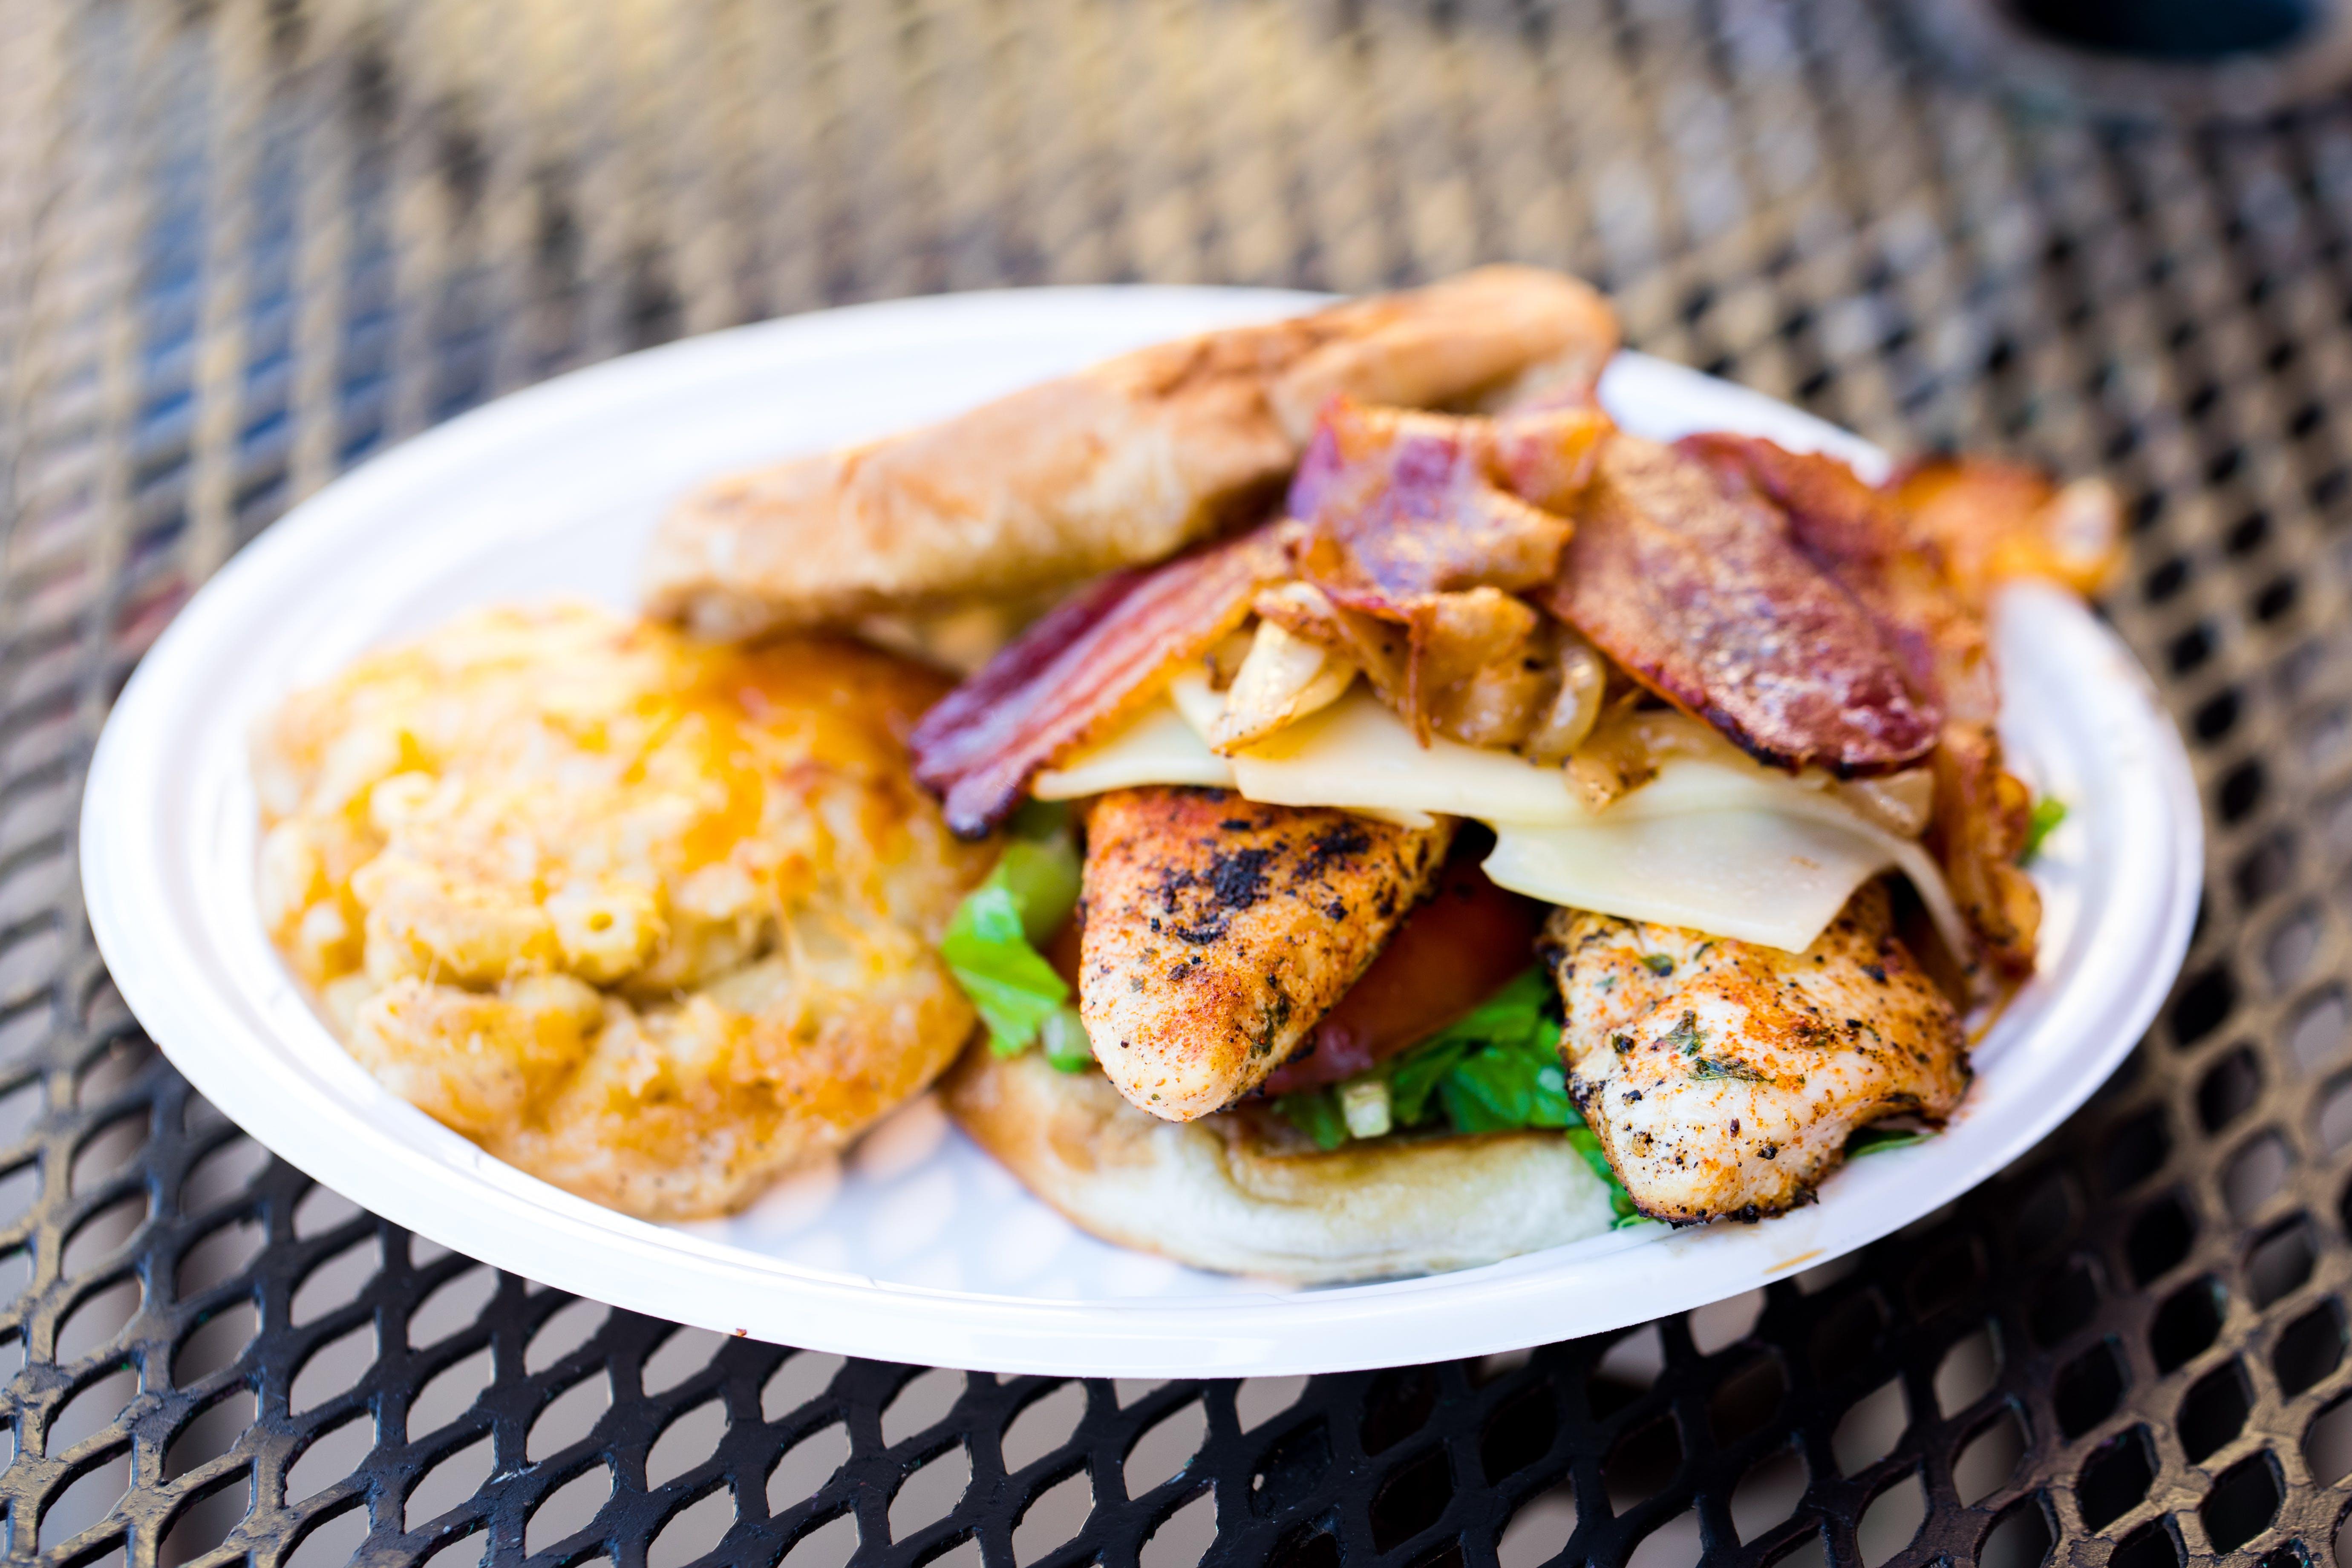 Blackened Chicken Sandwich from Big Herm's Kitchen in Richmond, VA